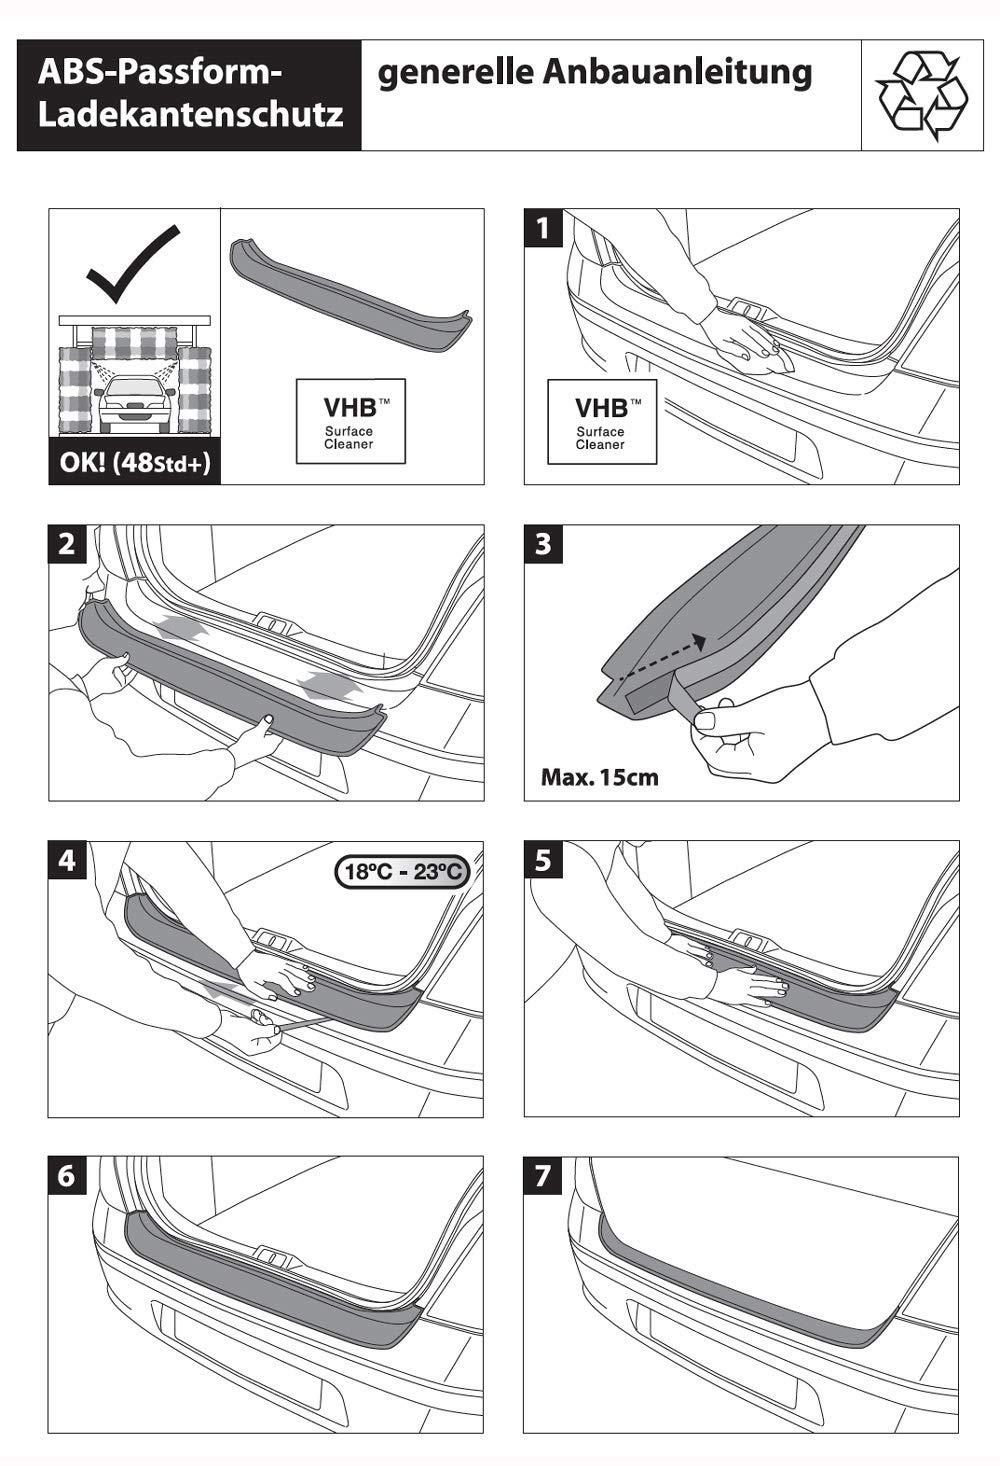 Original RGM Ladekantenschutz schwarz f/ür Ford Focus IV Turnier 4.Gen ab Baujahr 09.2018 RBP337 Richard Grant Mouldings Ltd